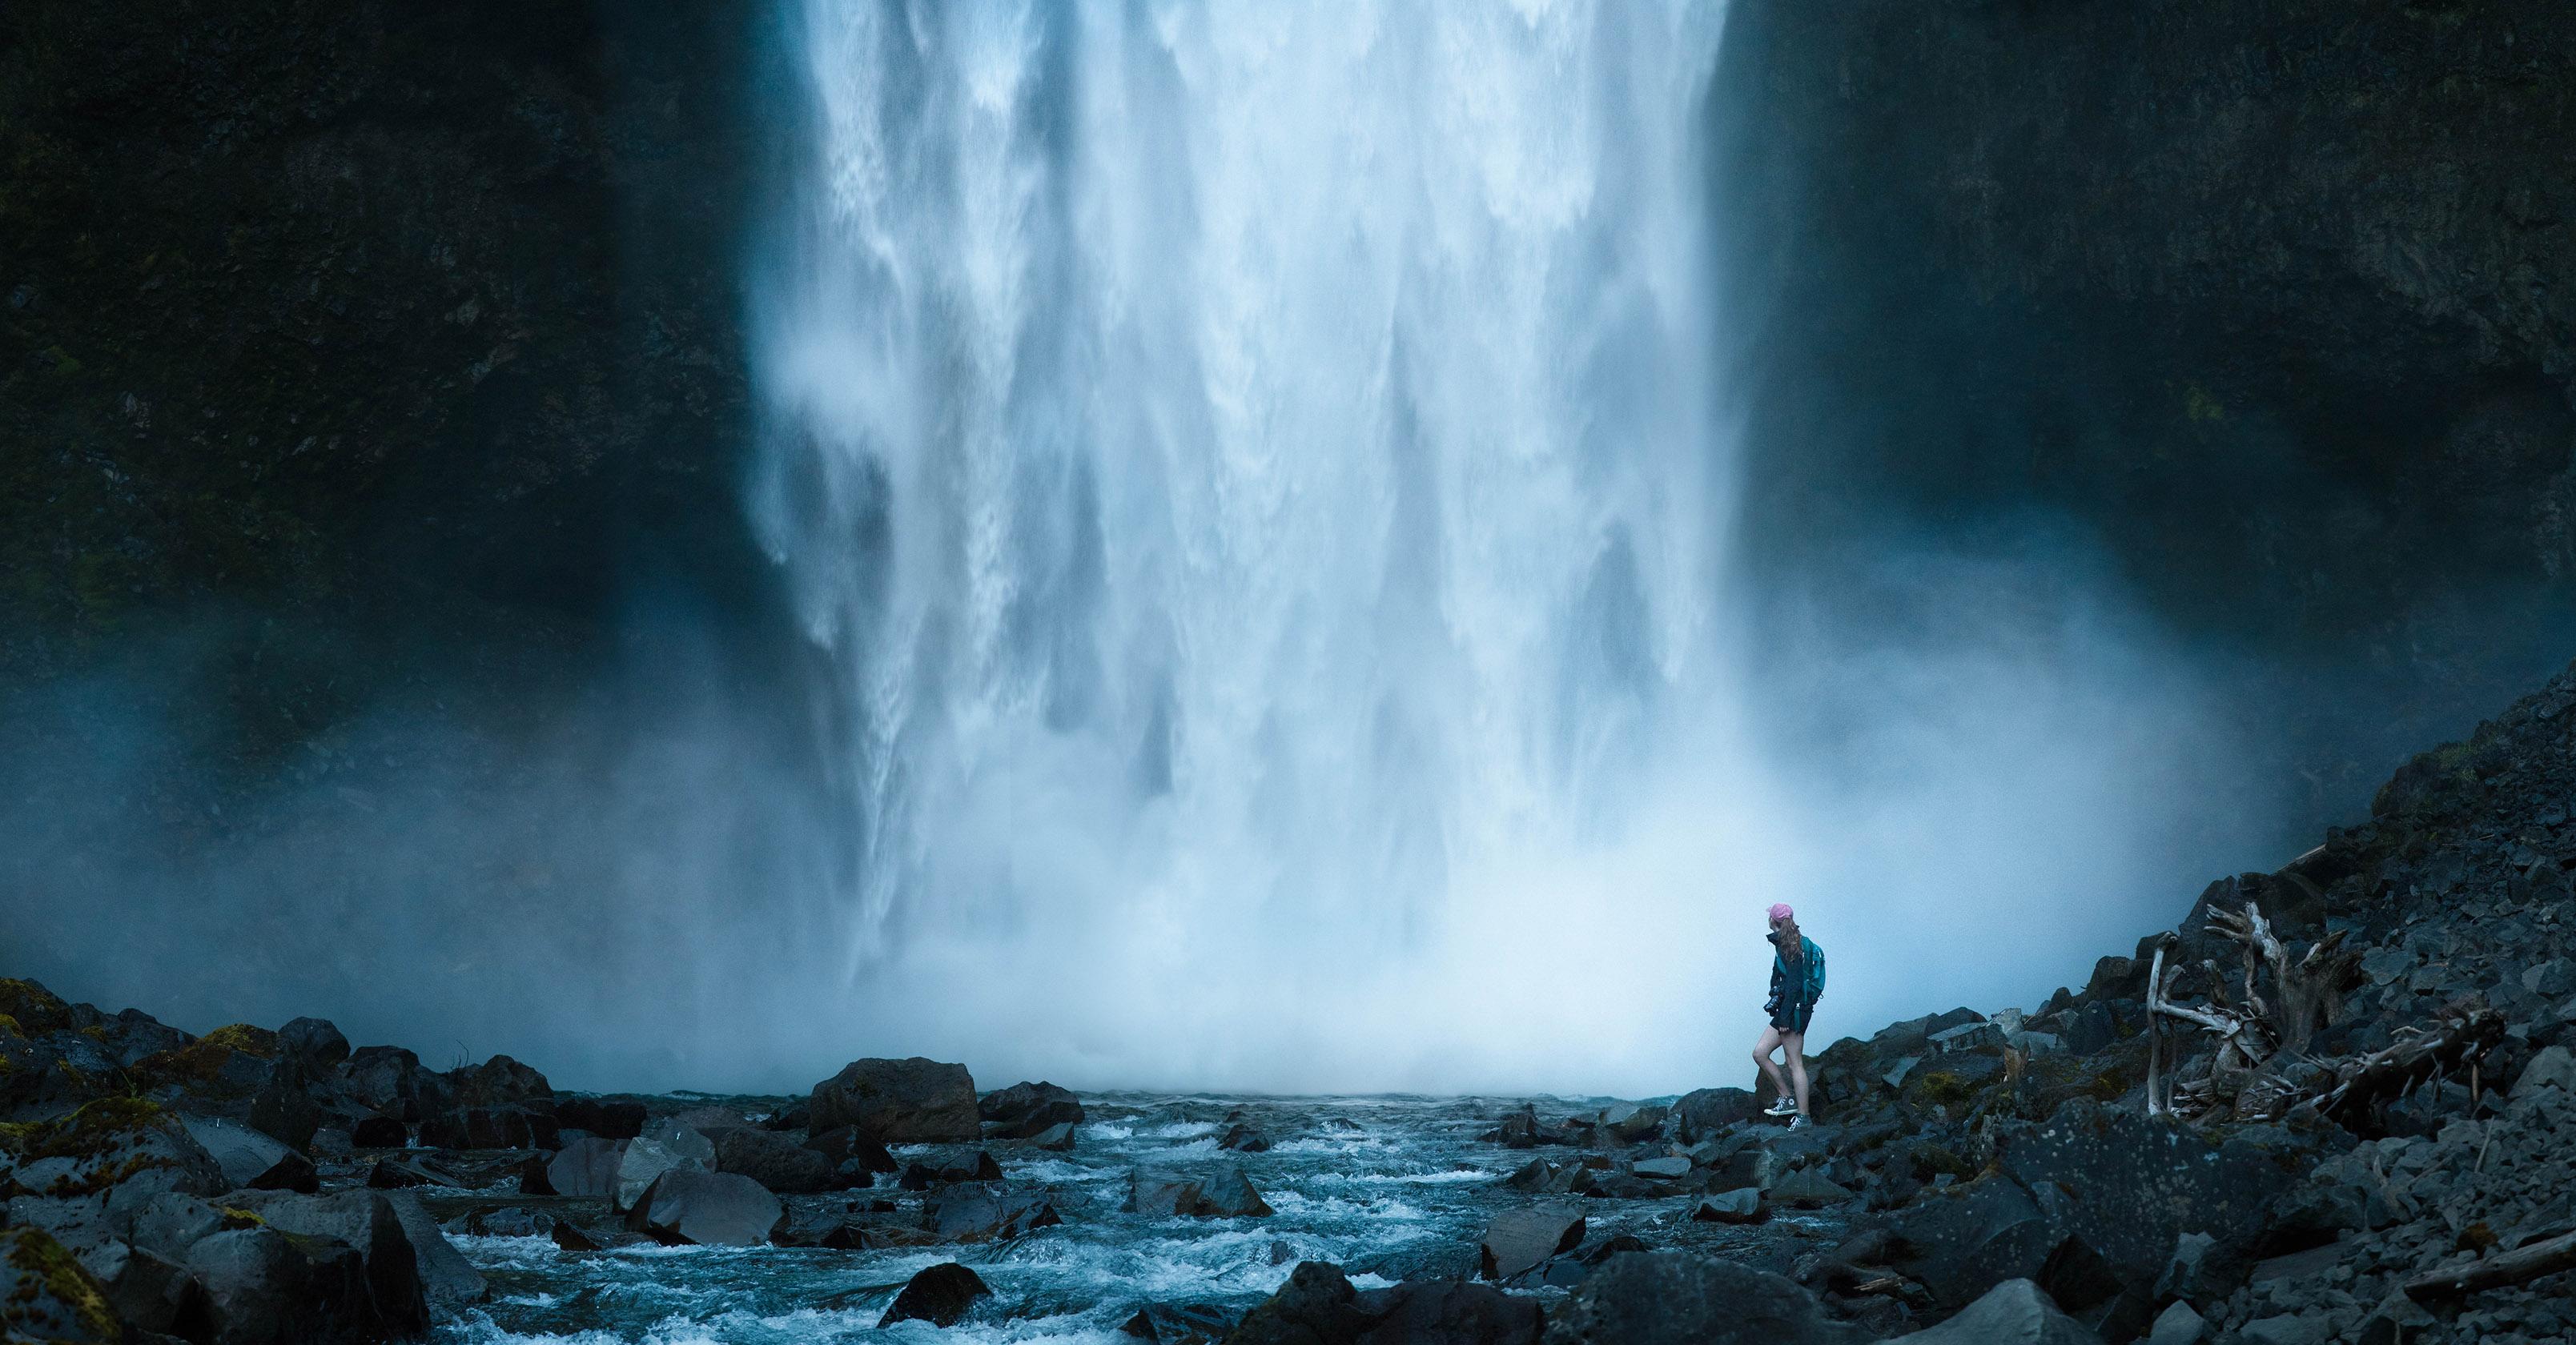 beautifull-waterfall-photo-fast-shutter-speed